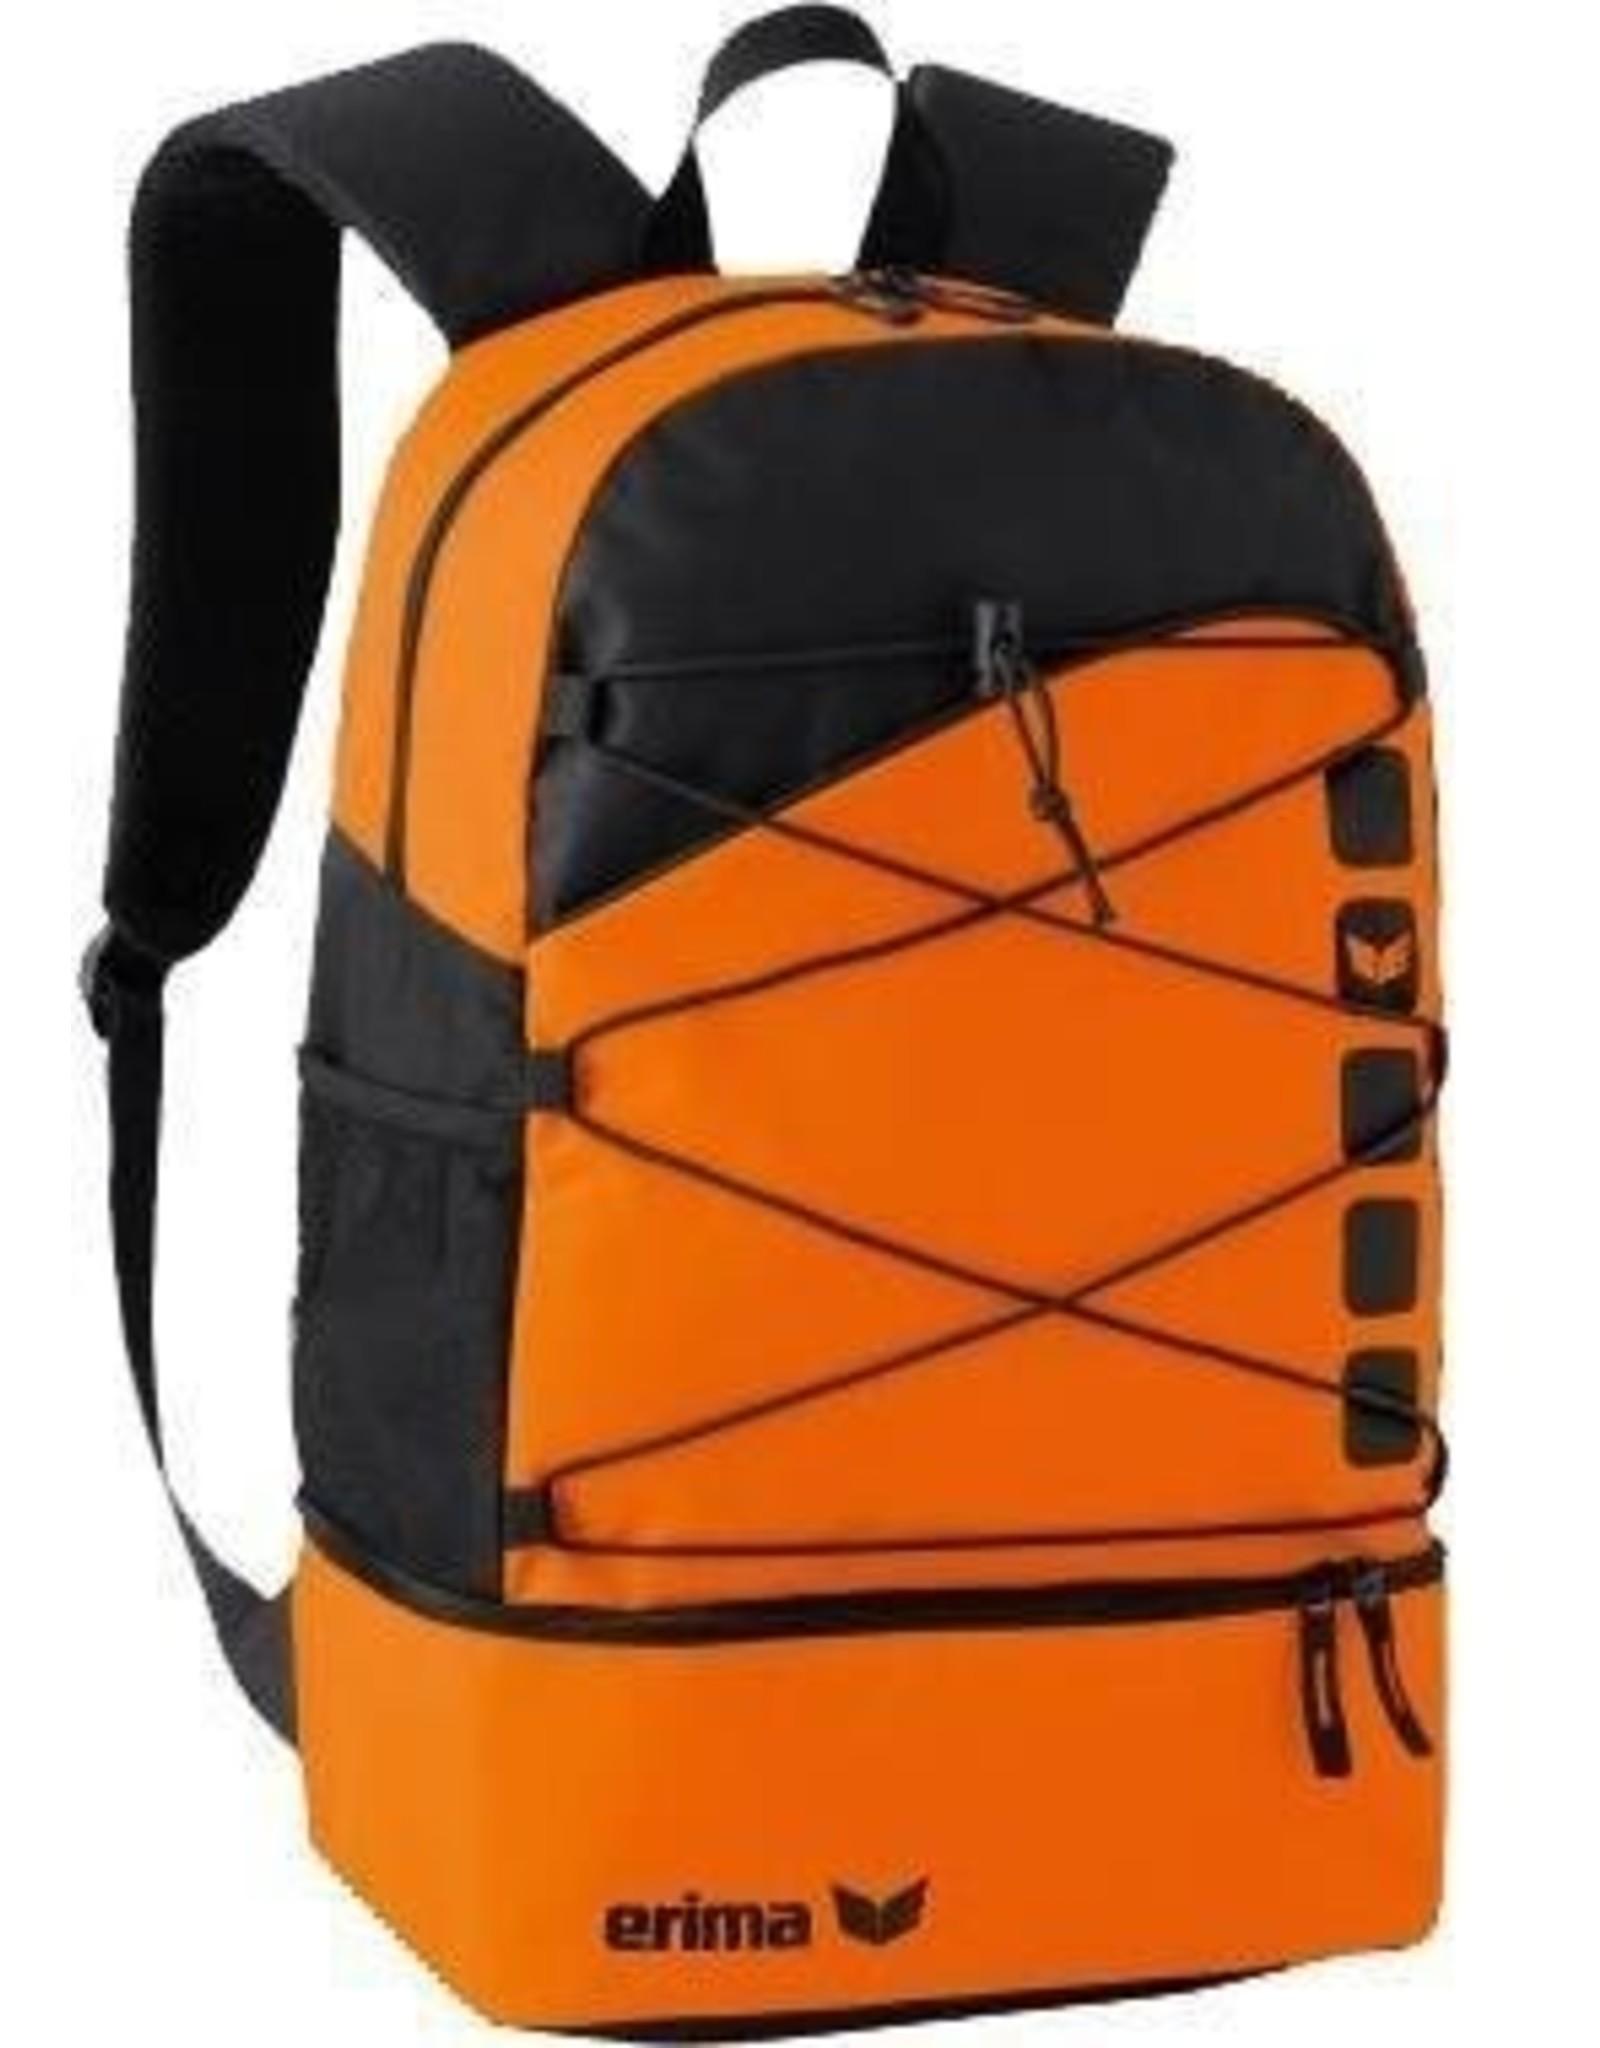 Erima Oranje Blauw'15 rugzak